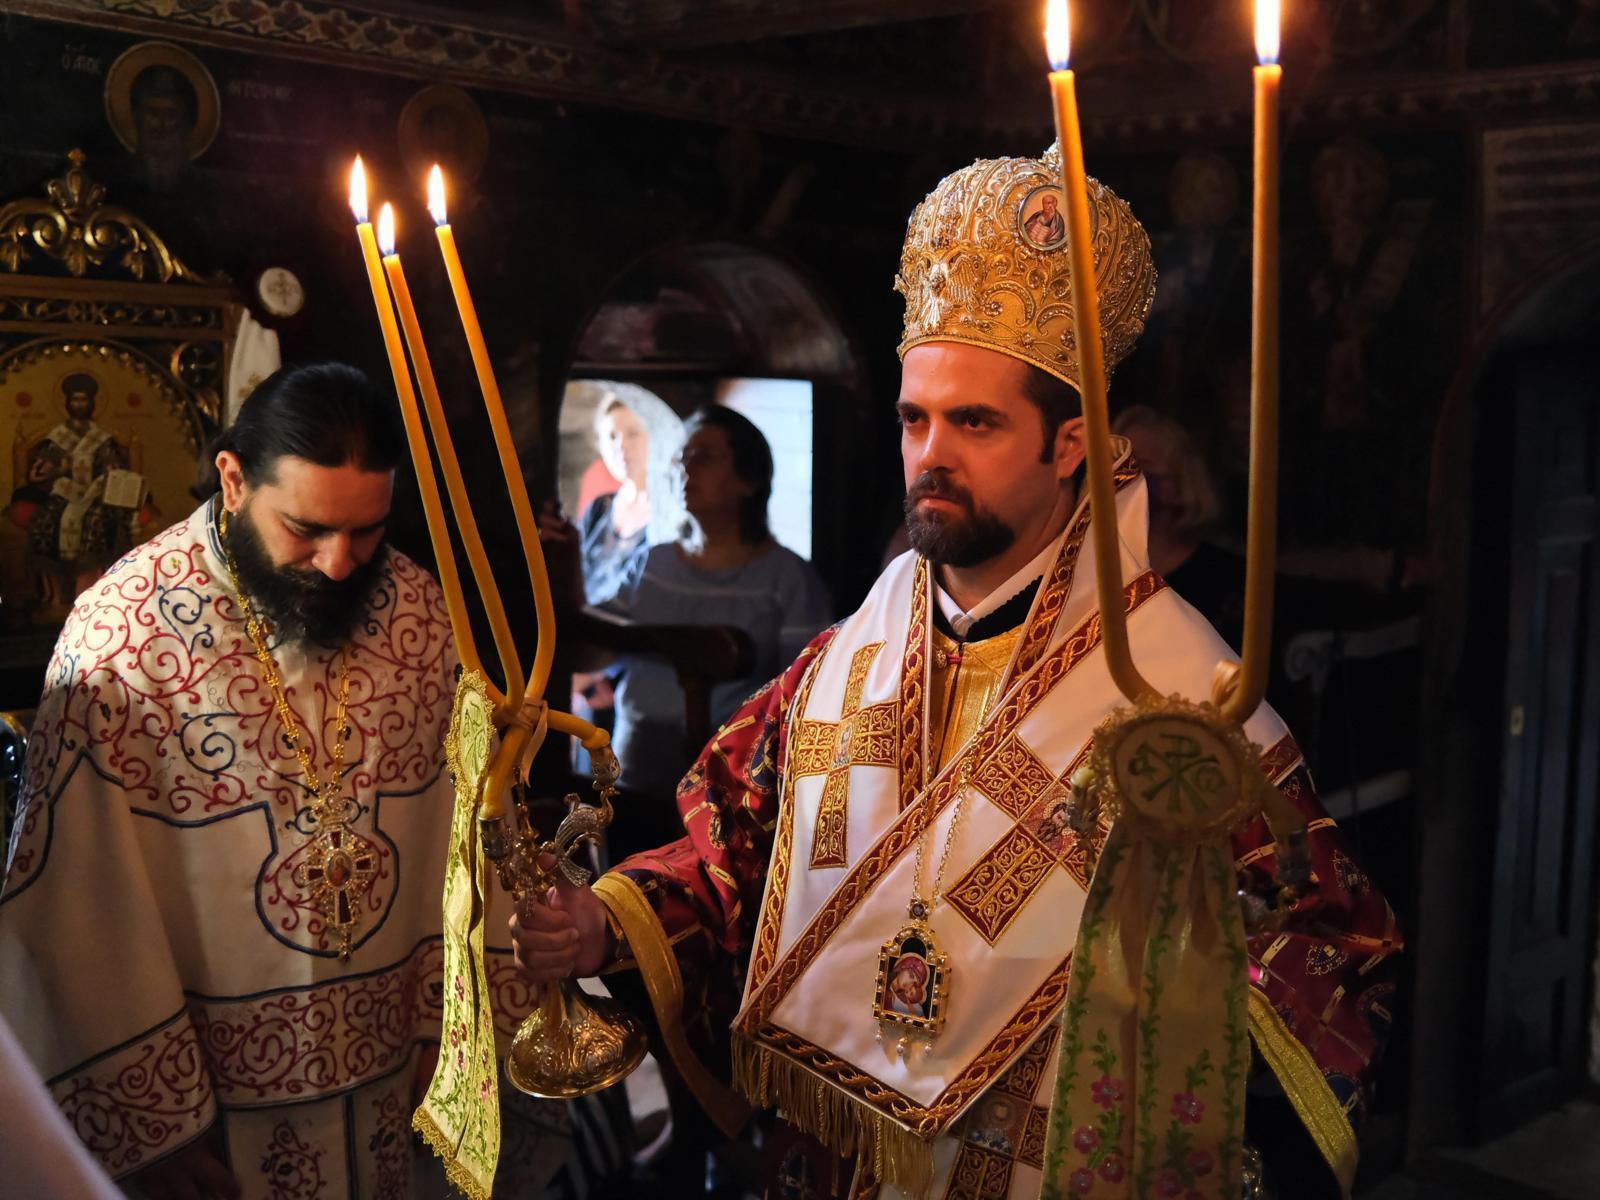 DSCF7791  - Ο Επίσκοπος Μελιτηνής στην Ι. Μονή Παναγίας Πελεκητής